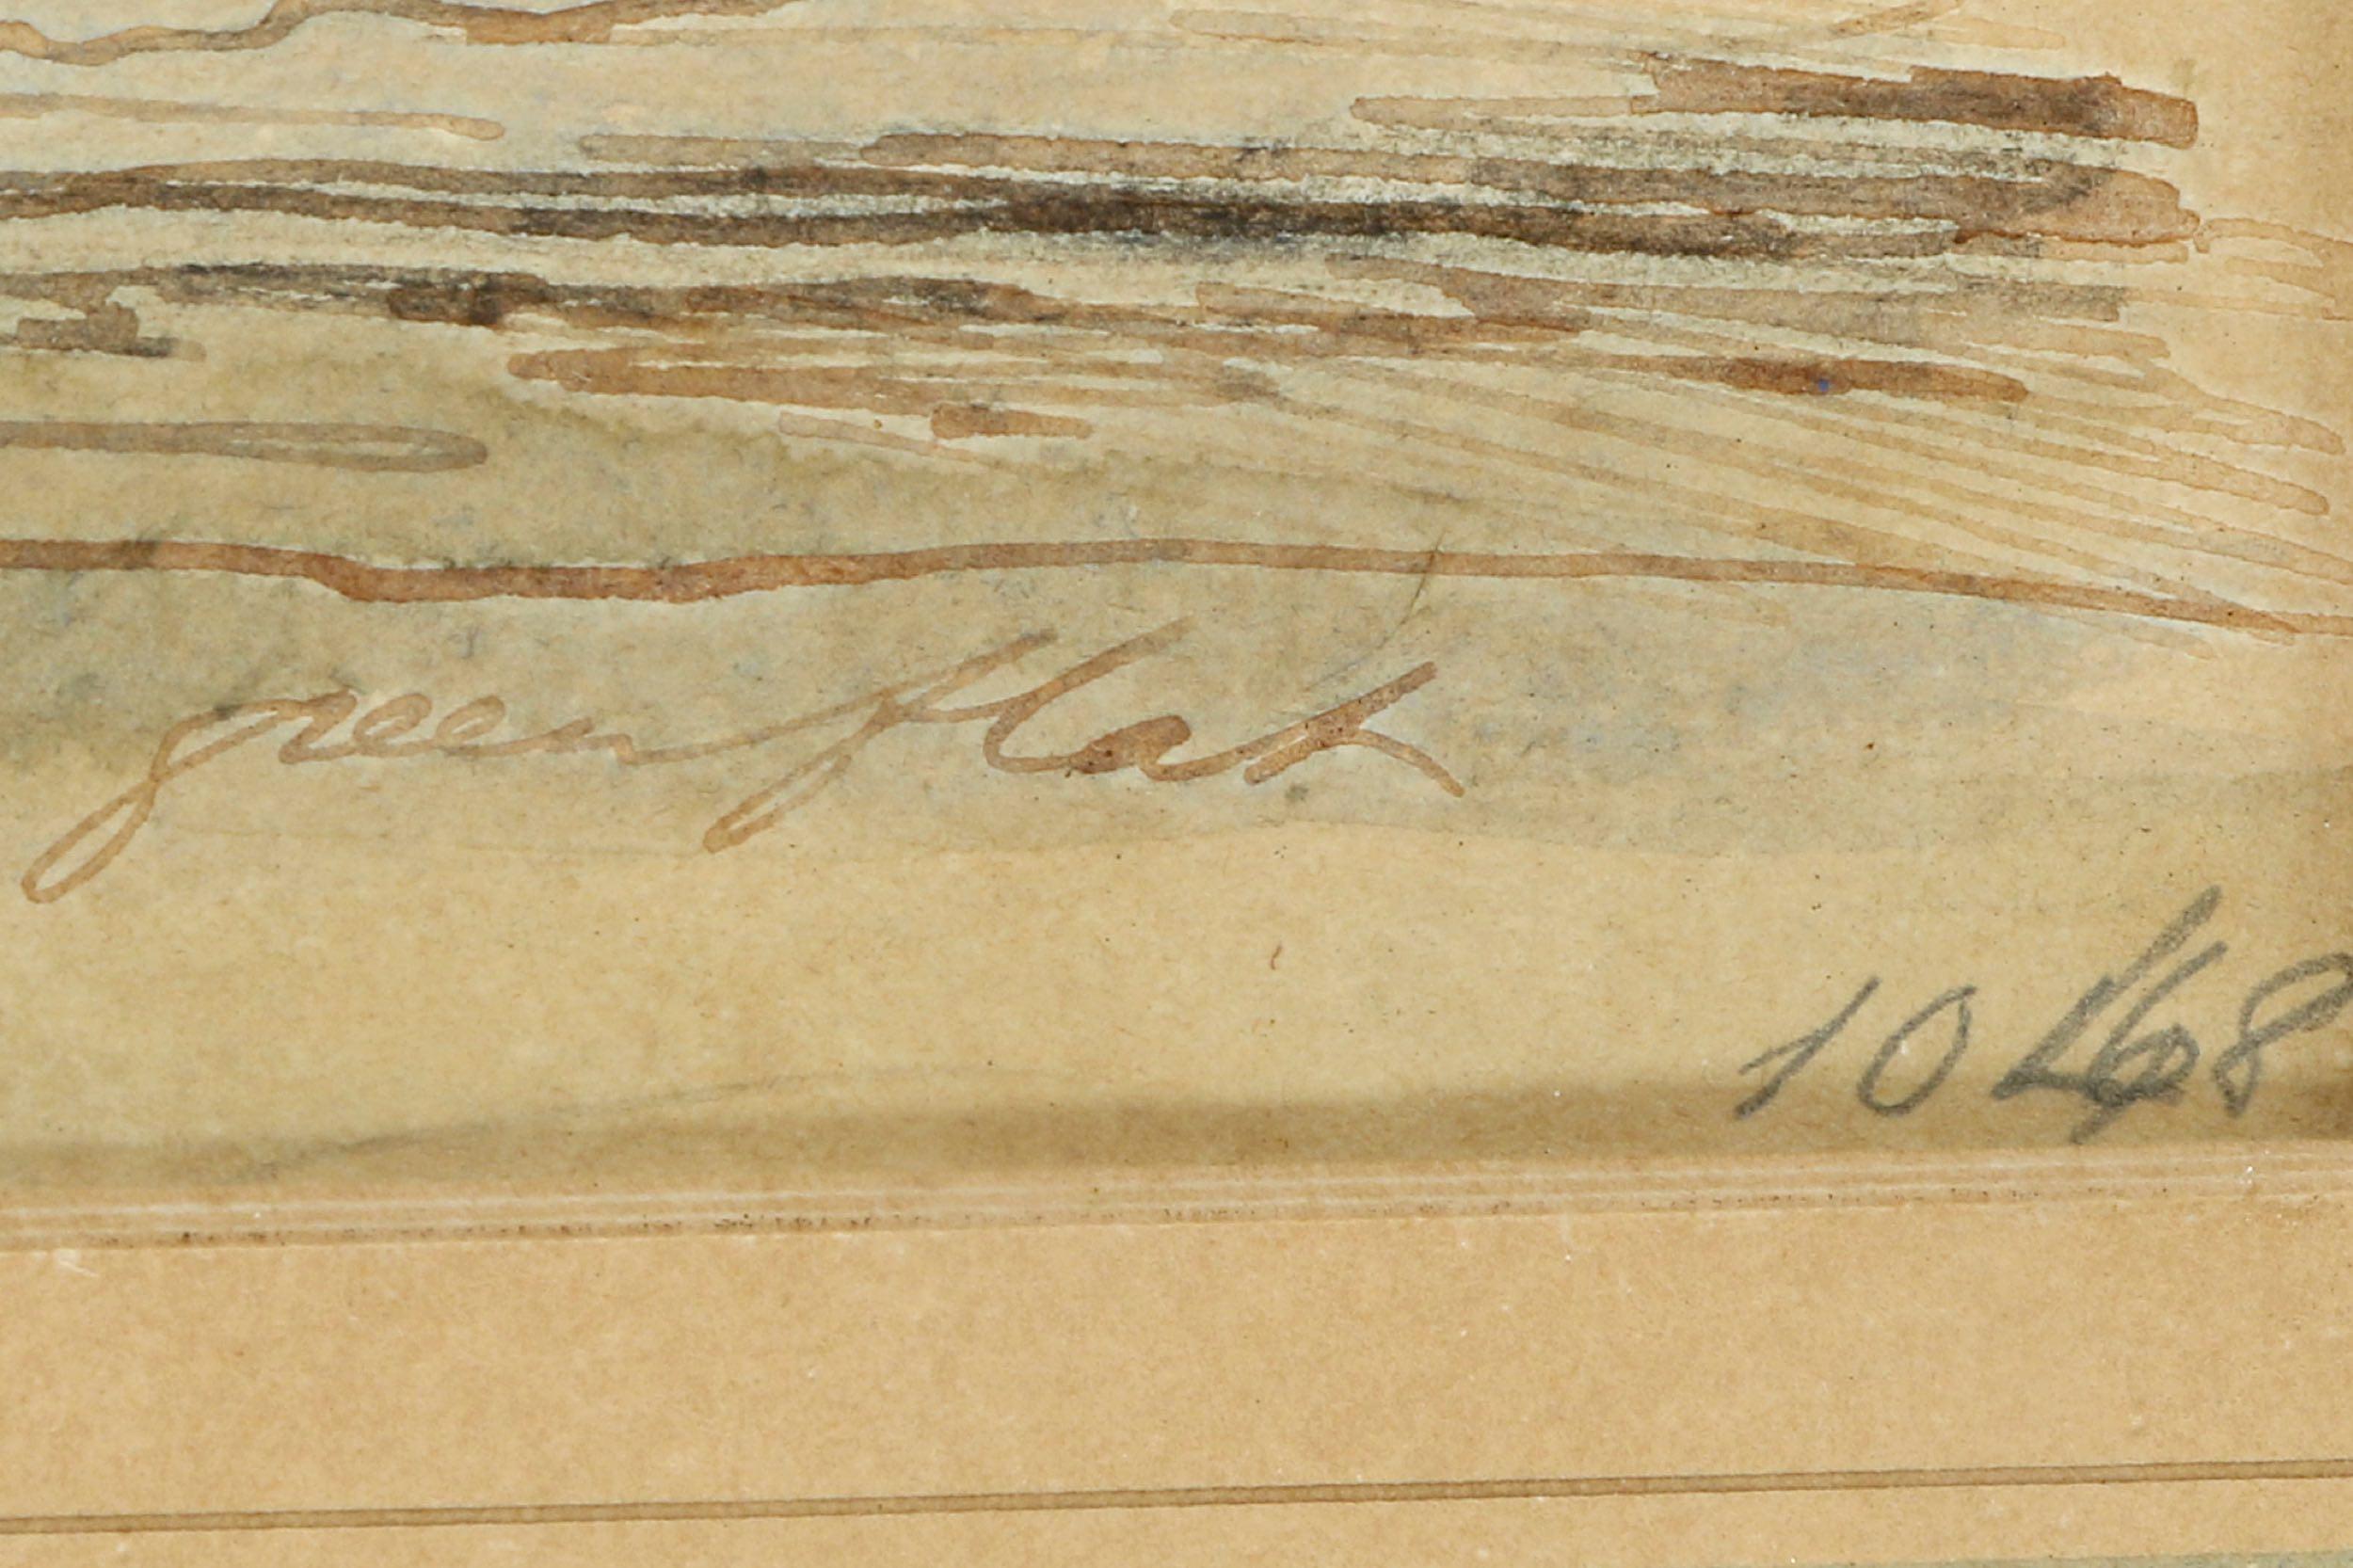 Lot 103 - EDWARD LEAR (BRITISH 1812 - 1888)